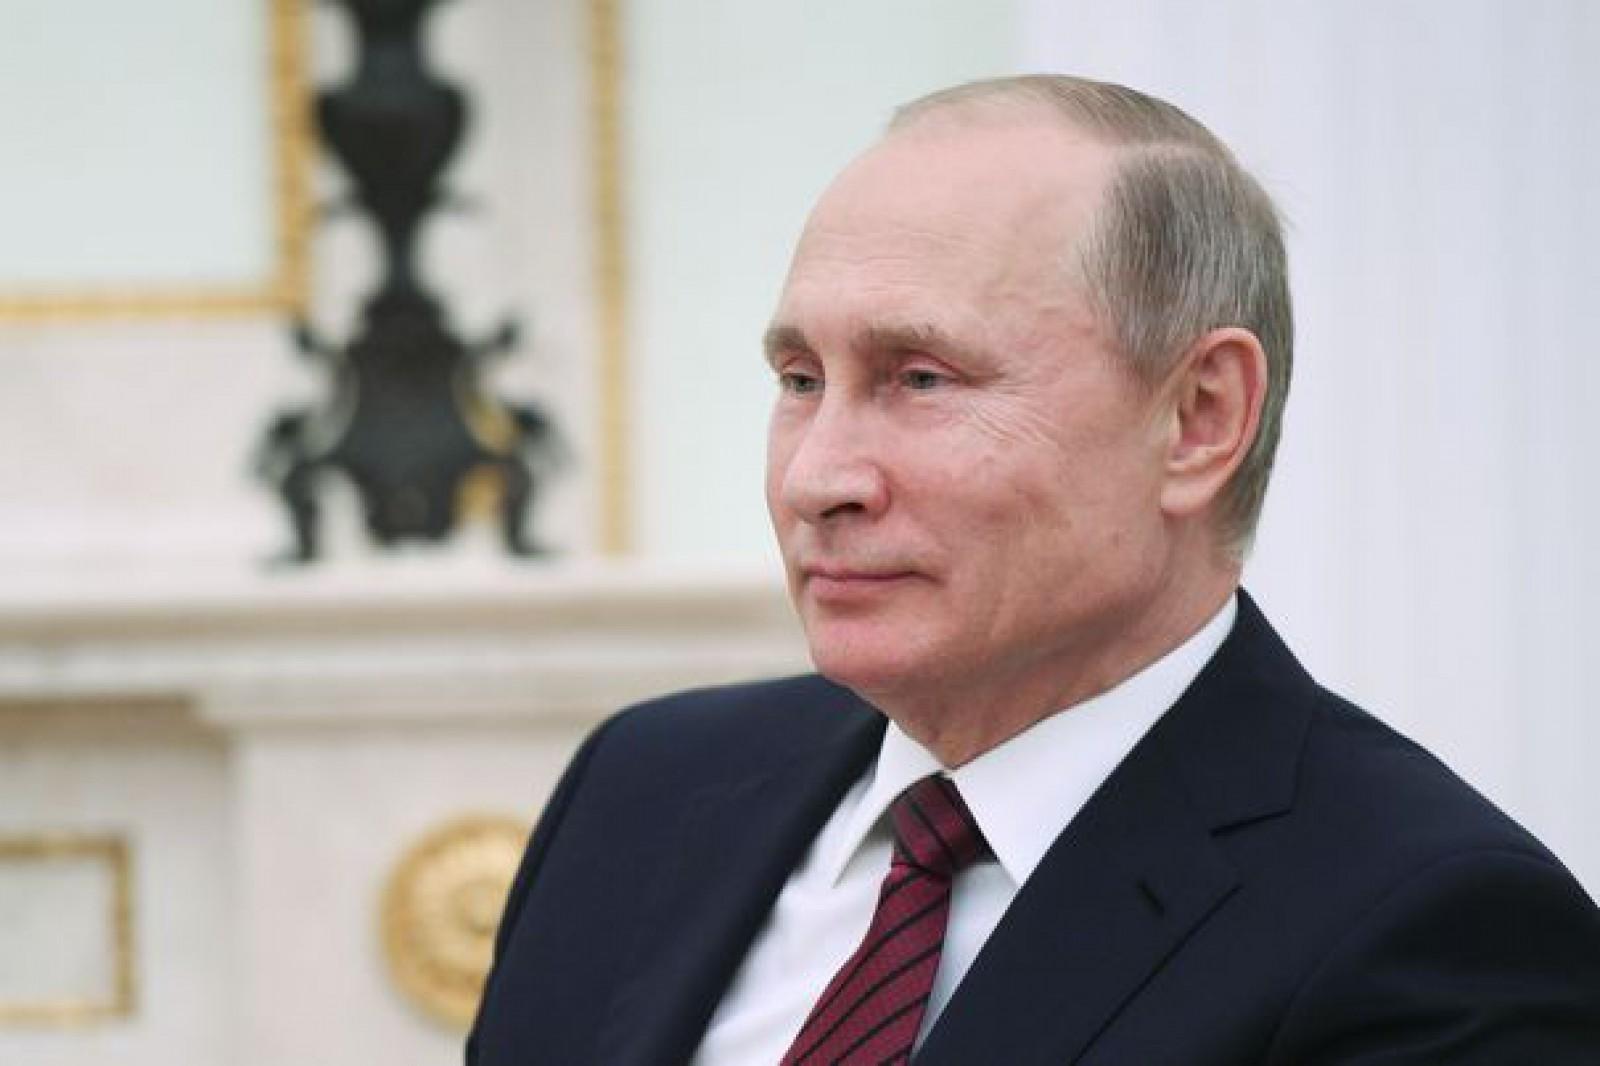 Ministrul olandez de Externe a demisionat după ce a admis că a minţit despre o întrevedere cu Vladimir Putin